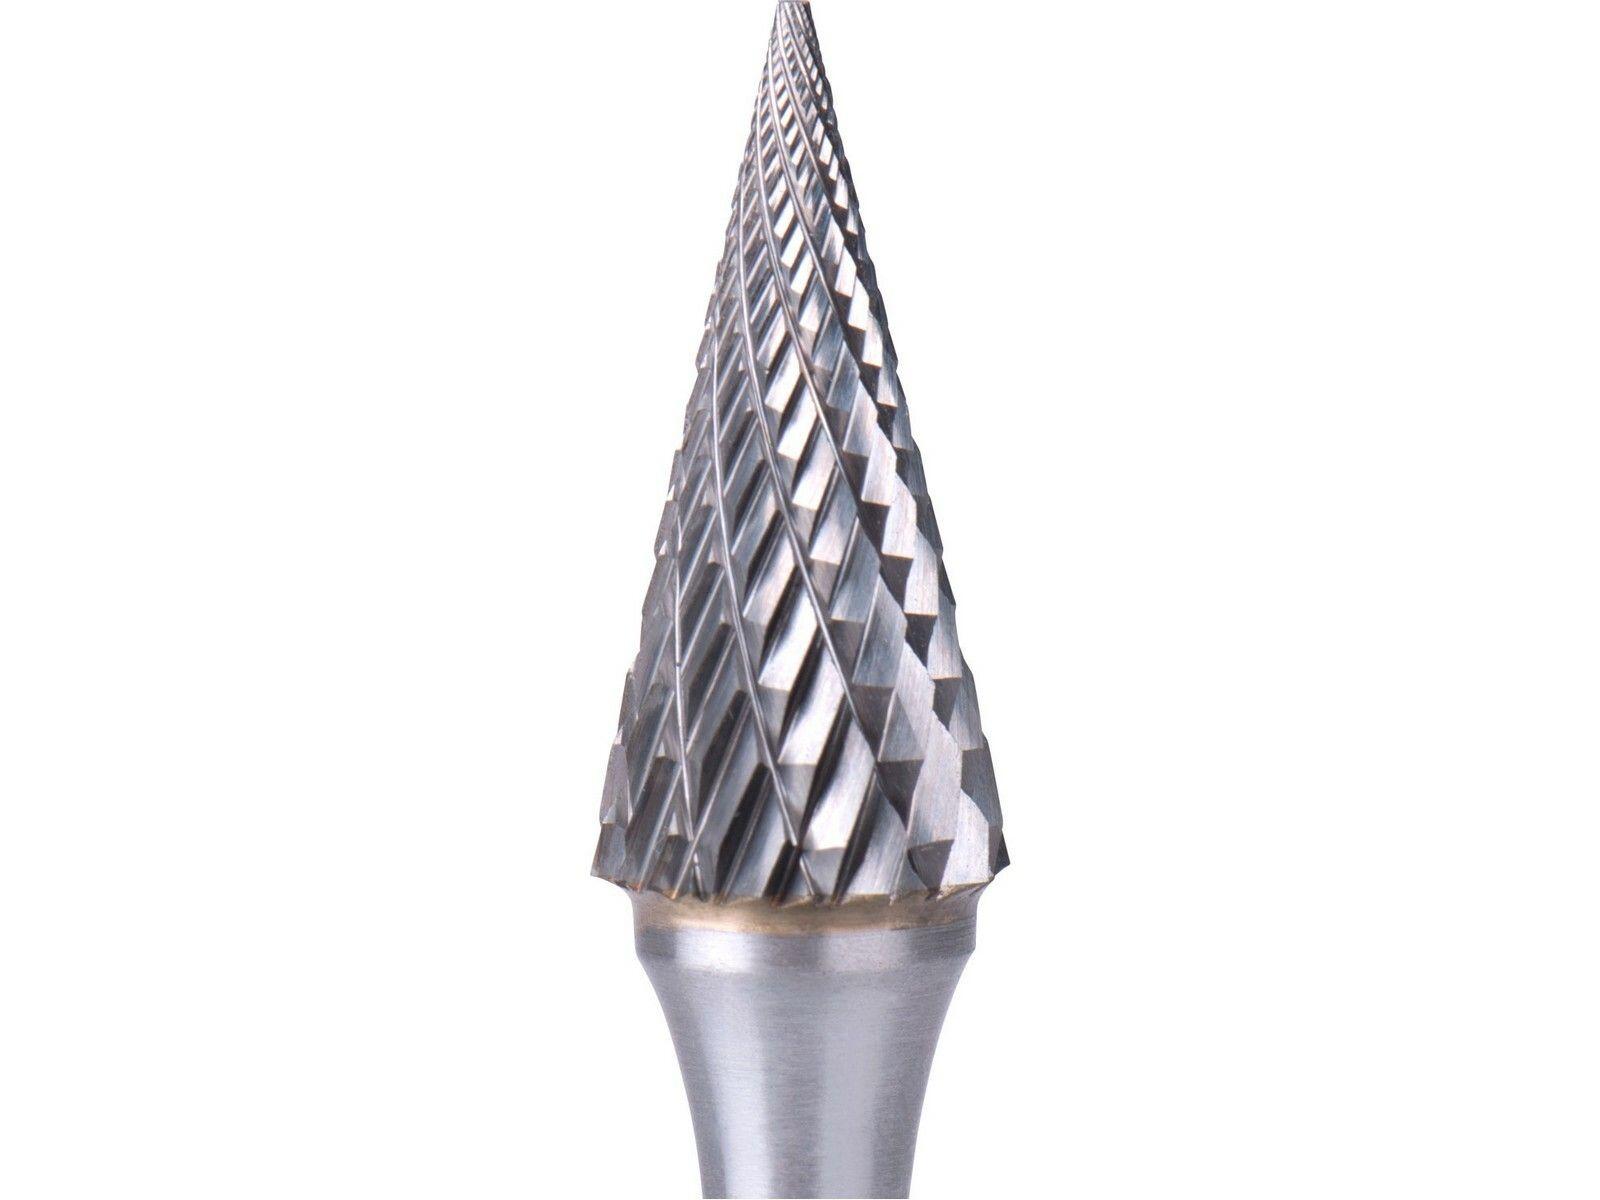 Fréza karbidová, konická jehlan, pr.10x20mm/stopka 6mm,sek střední(double-cut) EXTOL INDUSTRIAL